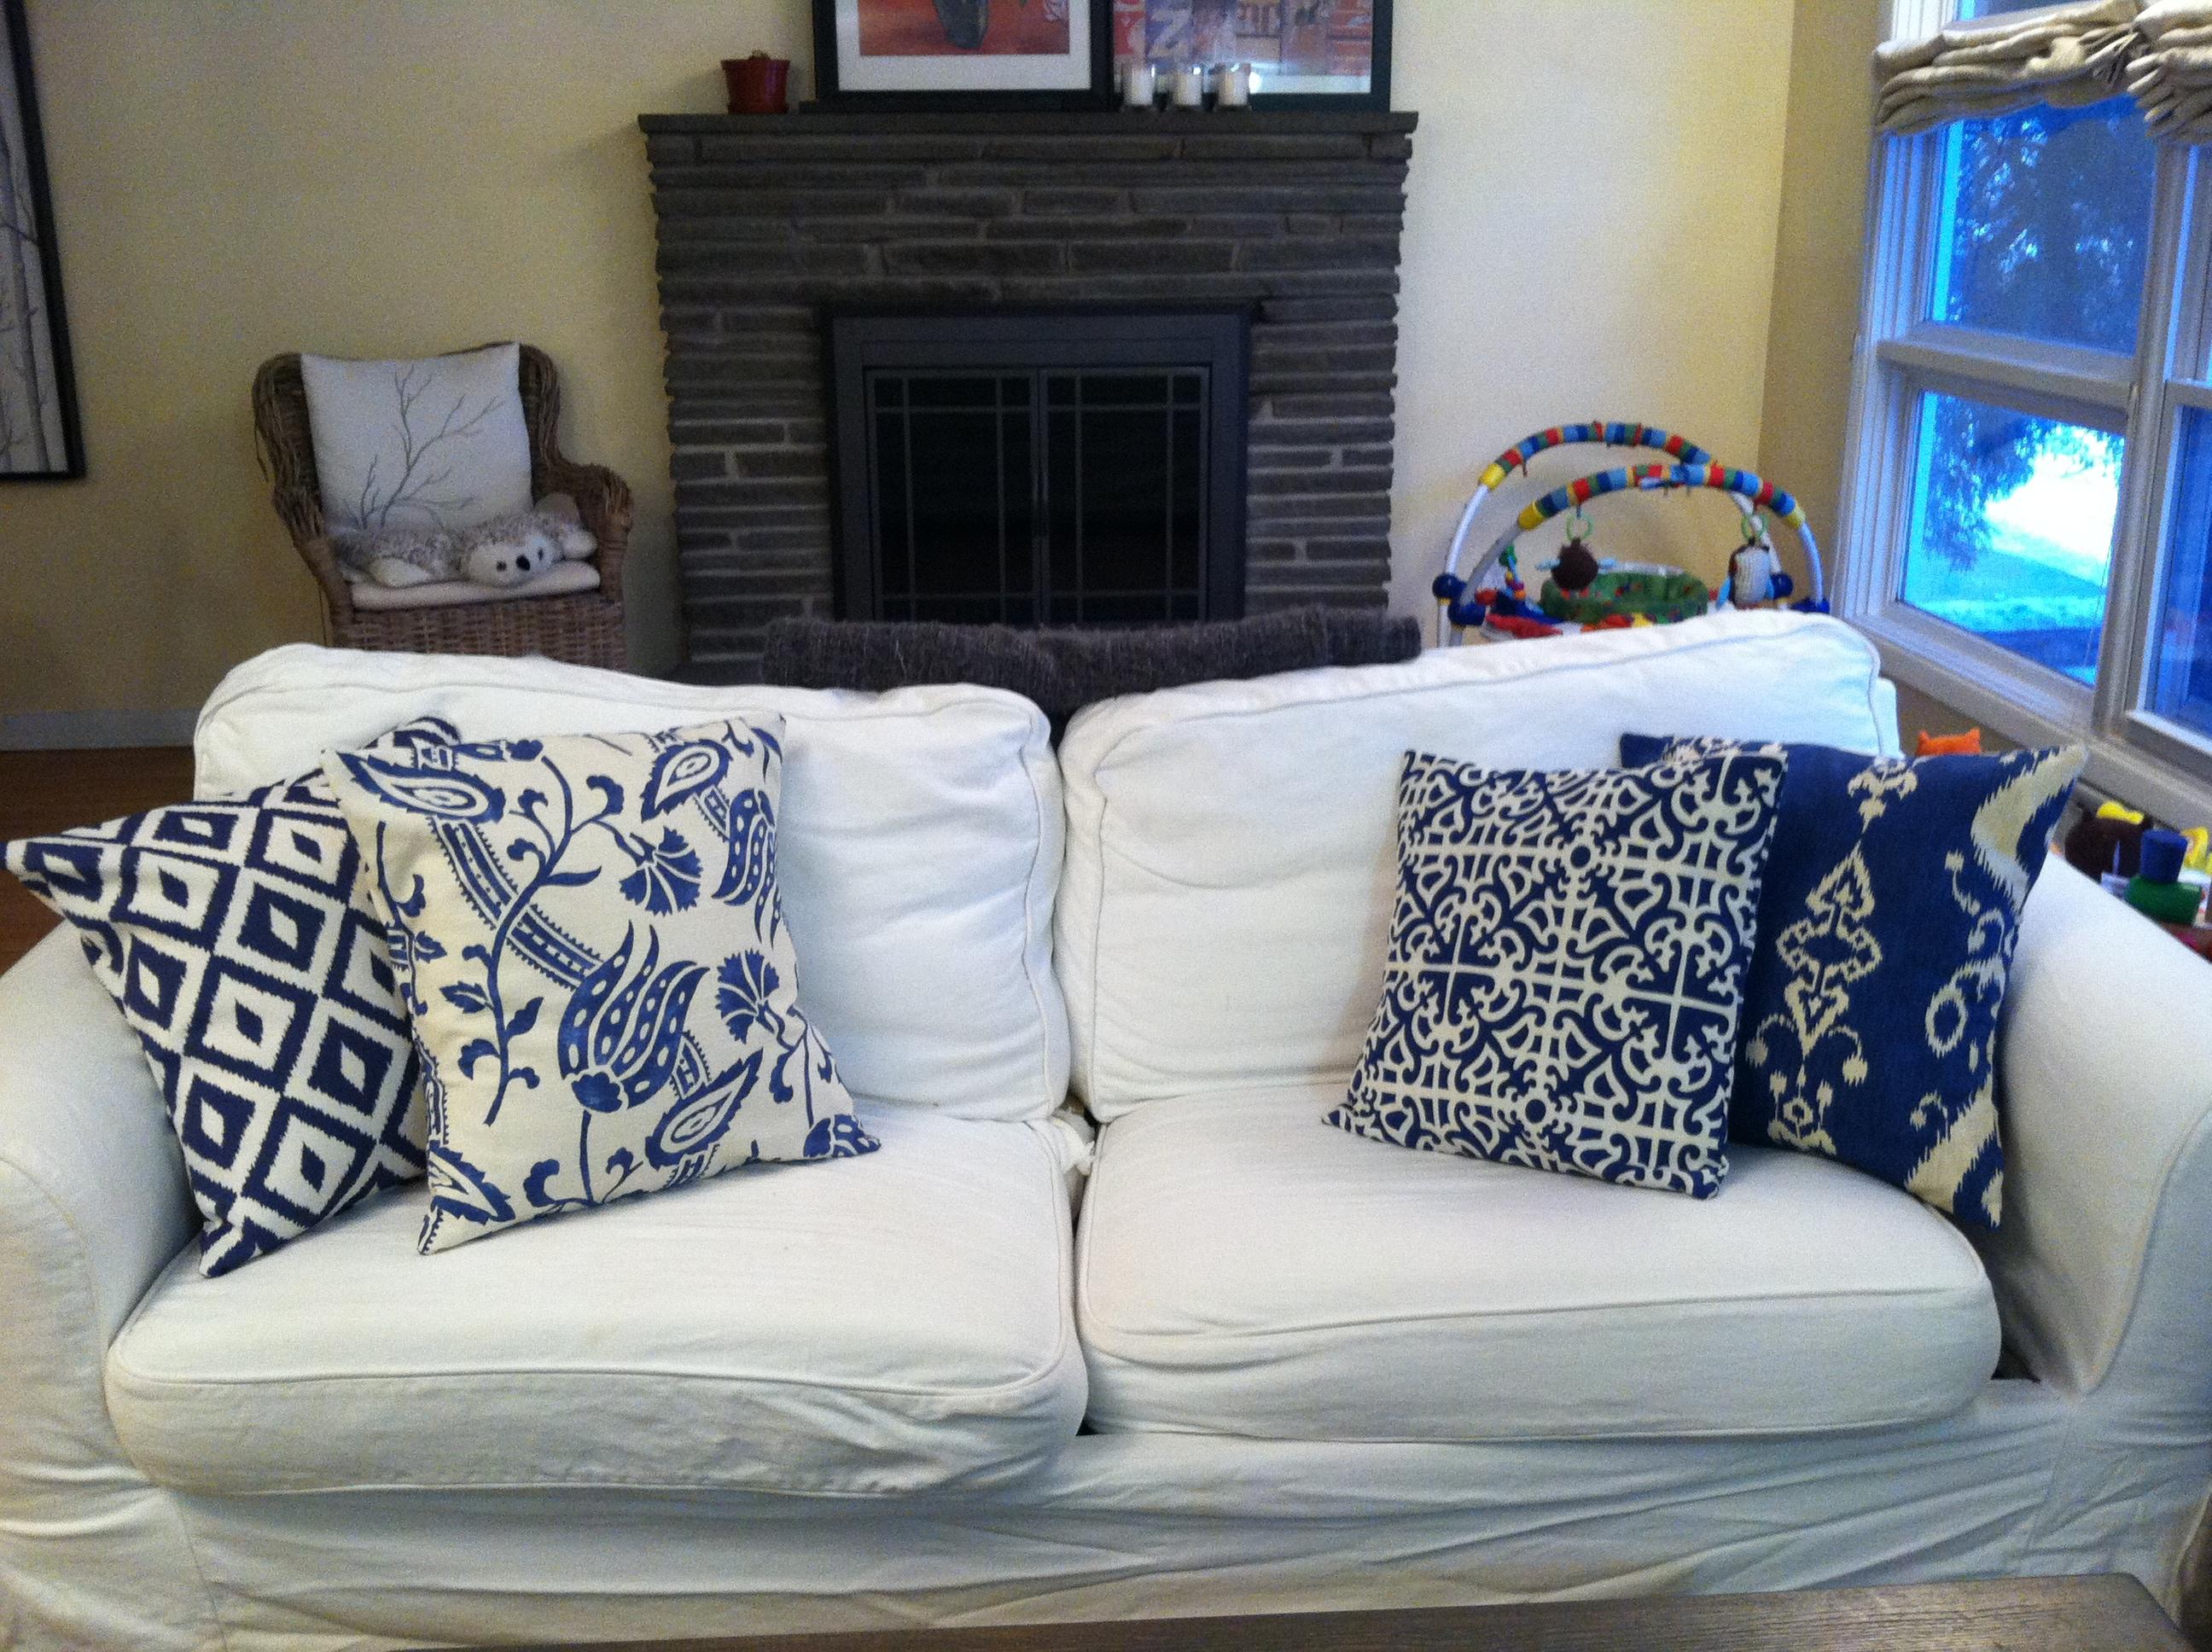 Fullsize Of Pottery Barn Pillow Covers